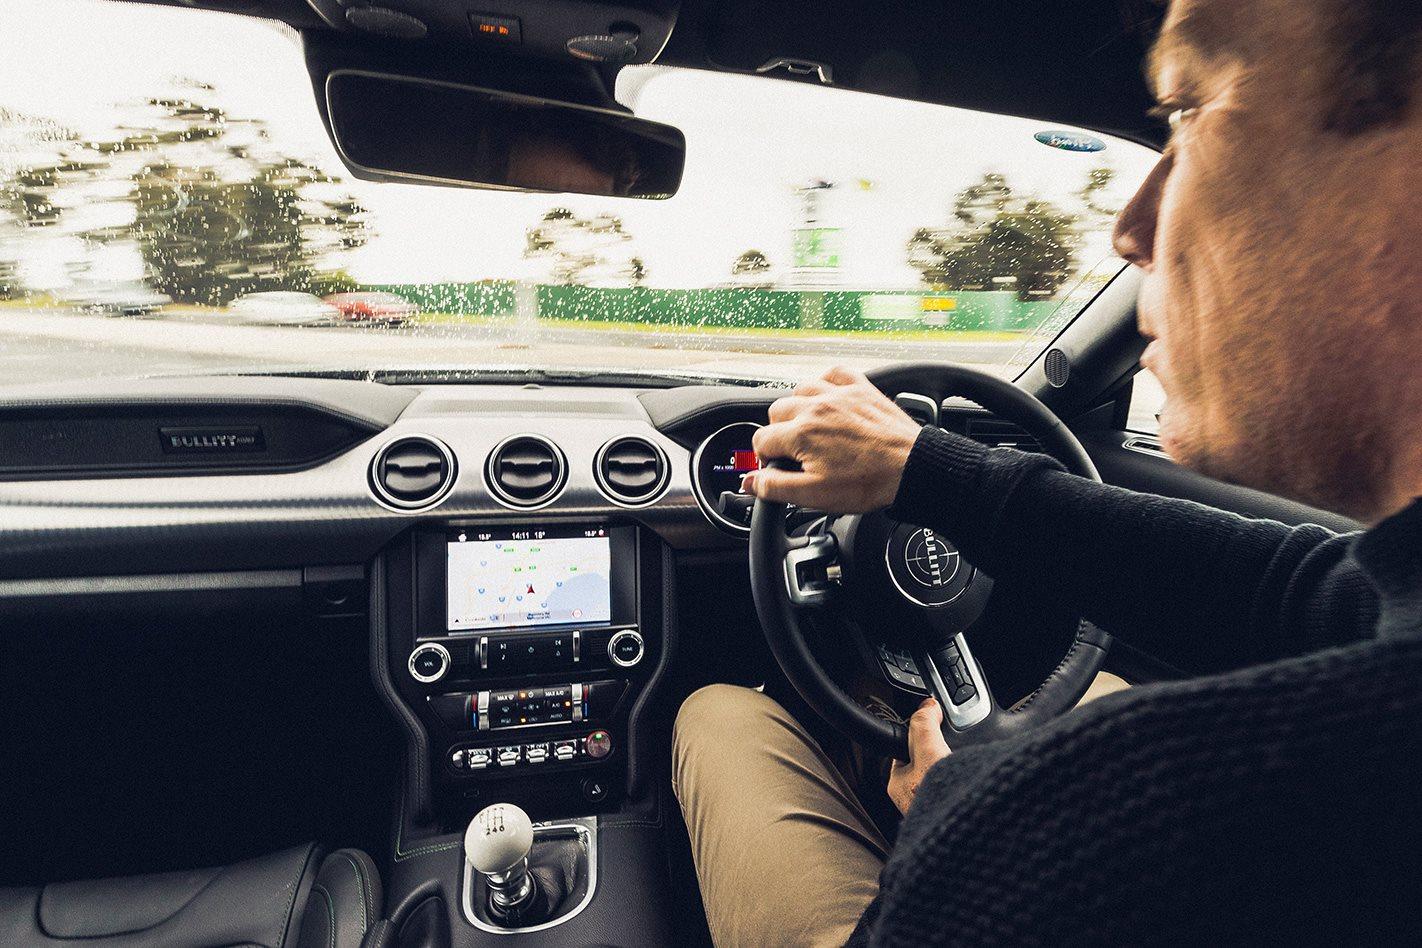 Bullit time: 2019 Ford Mustang Bullitt review